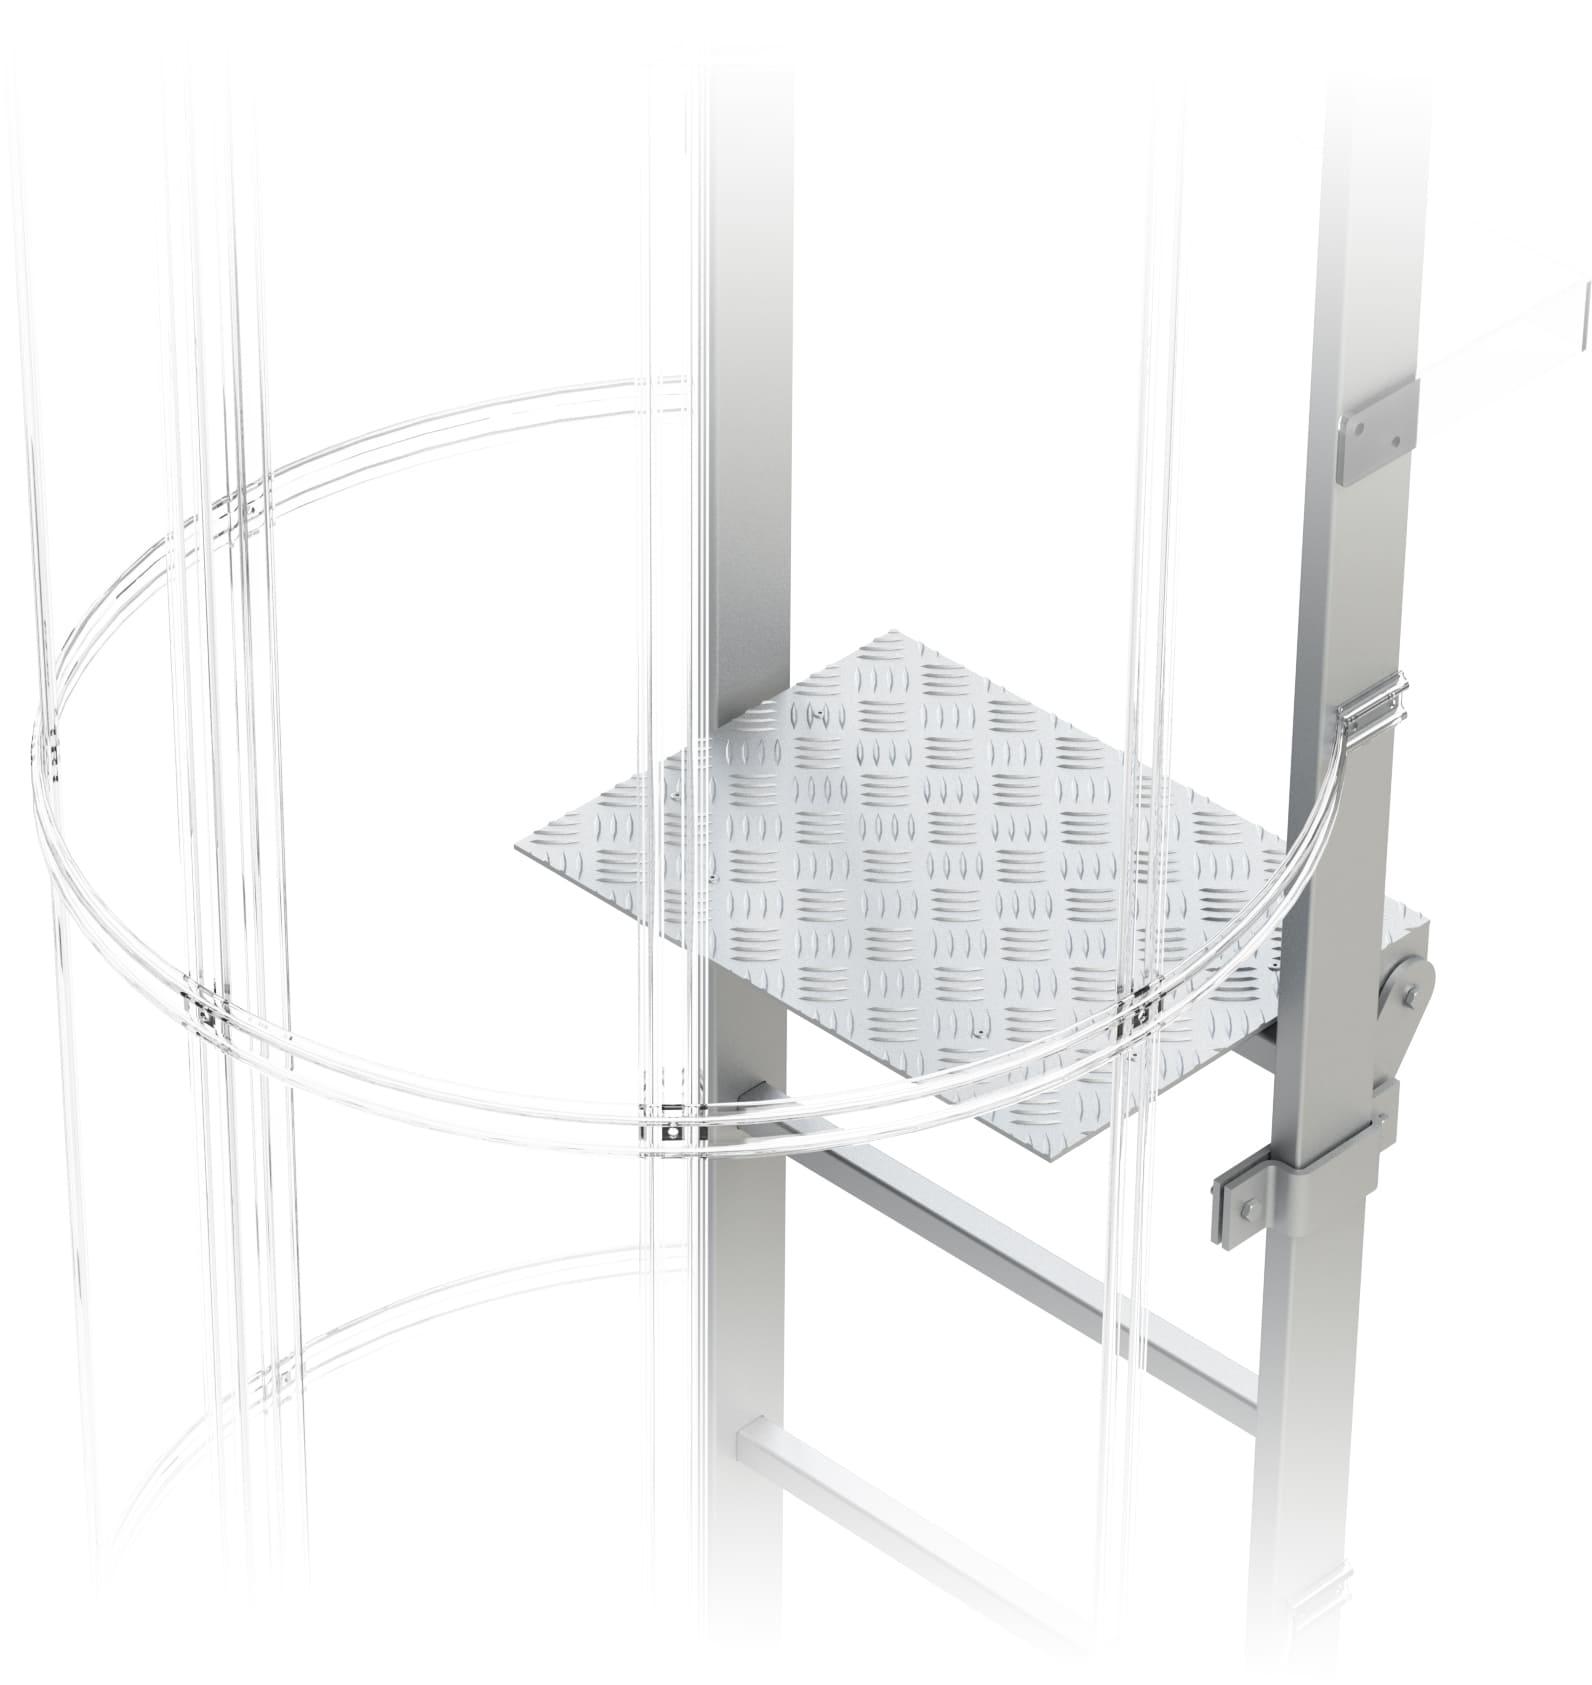 odpočinková podesta slopná pre výstupový rebrík na budove